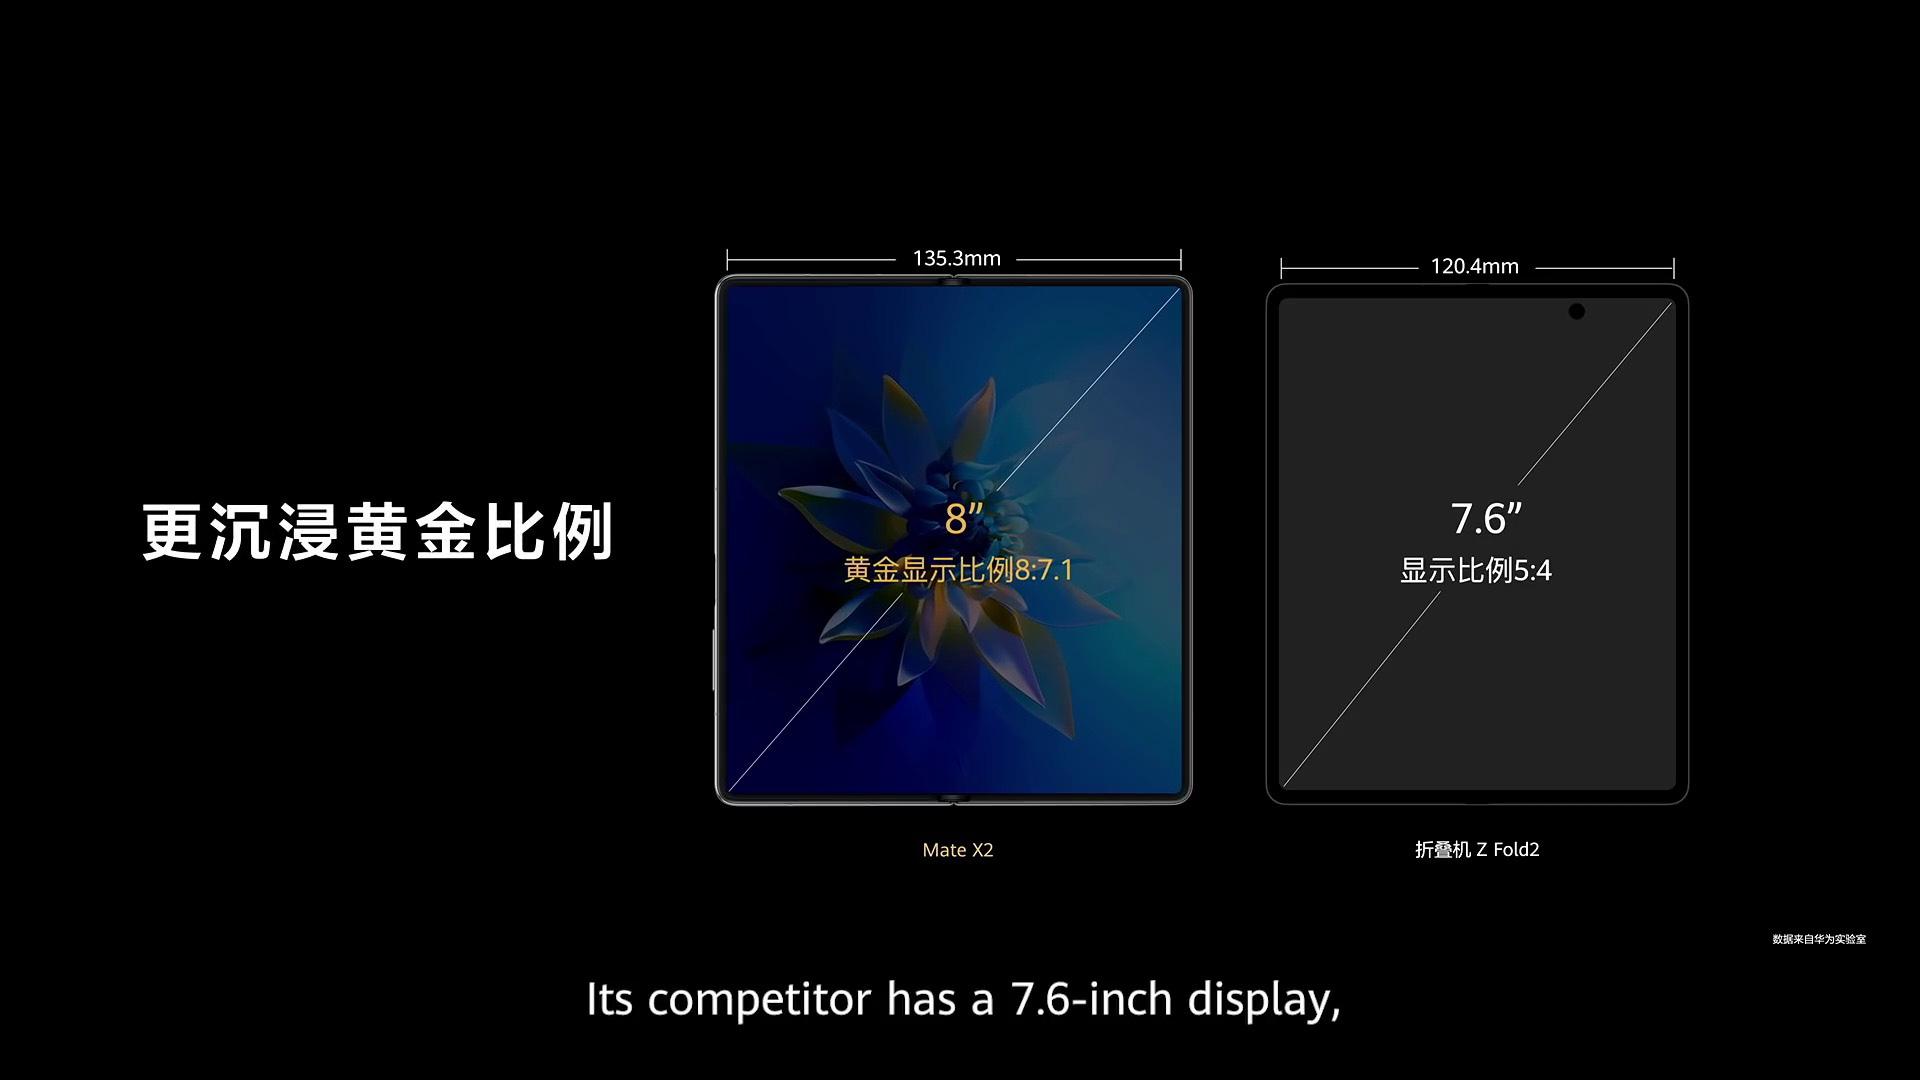 Huawei nói smartphone của mình tốt hơn Z Fold2, iPhone 12 Pro Max, Pro Display XDR, Volvo XC90... như thế nào? - Ảnh 4.